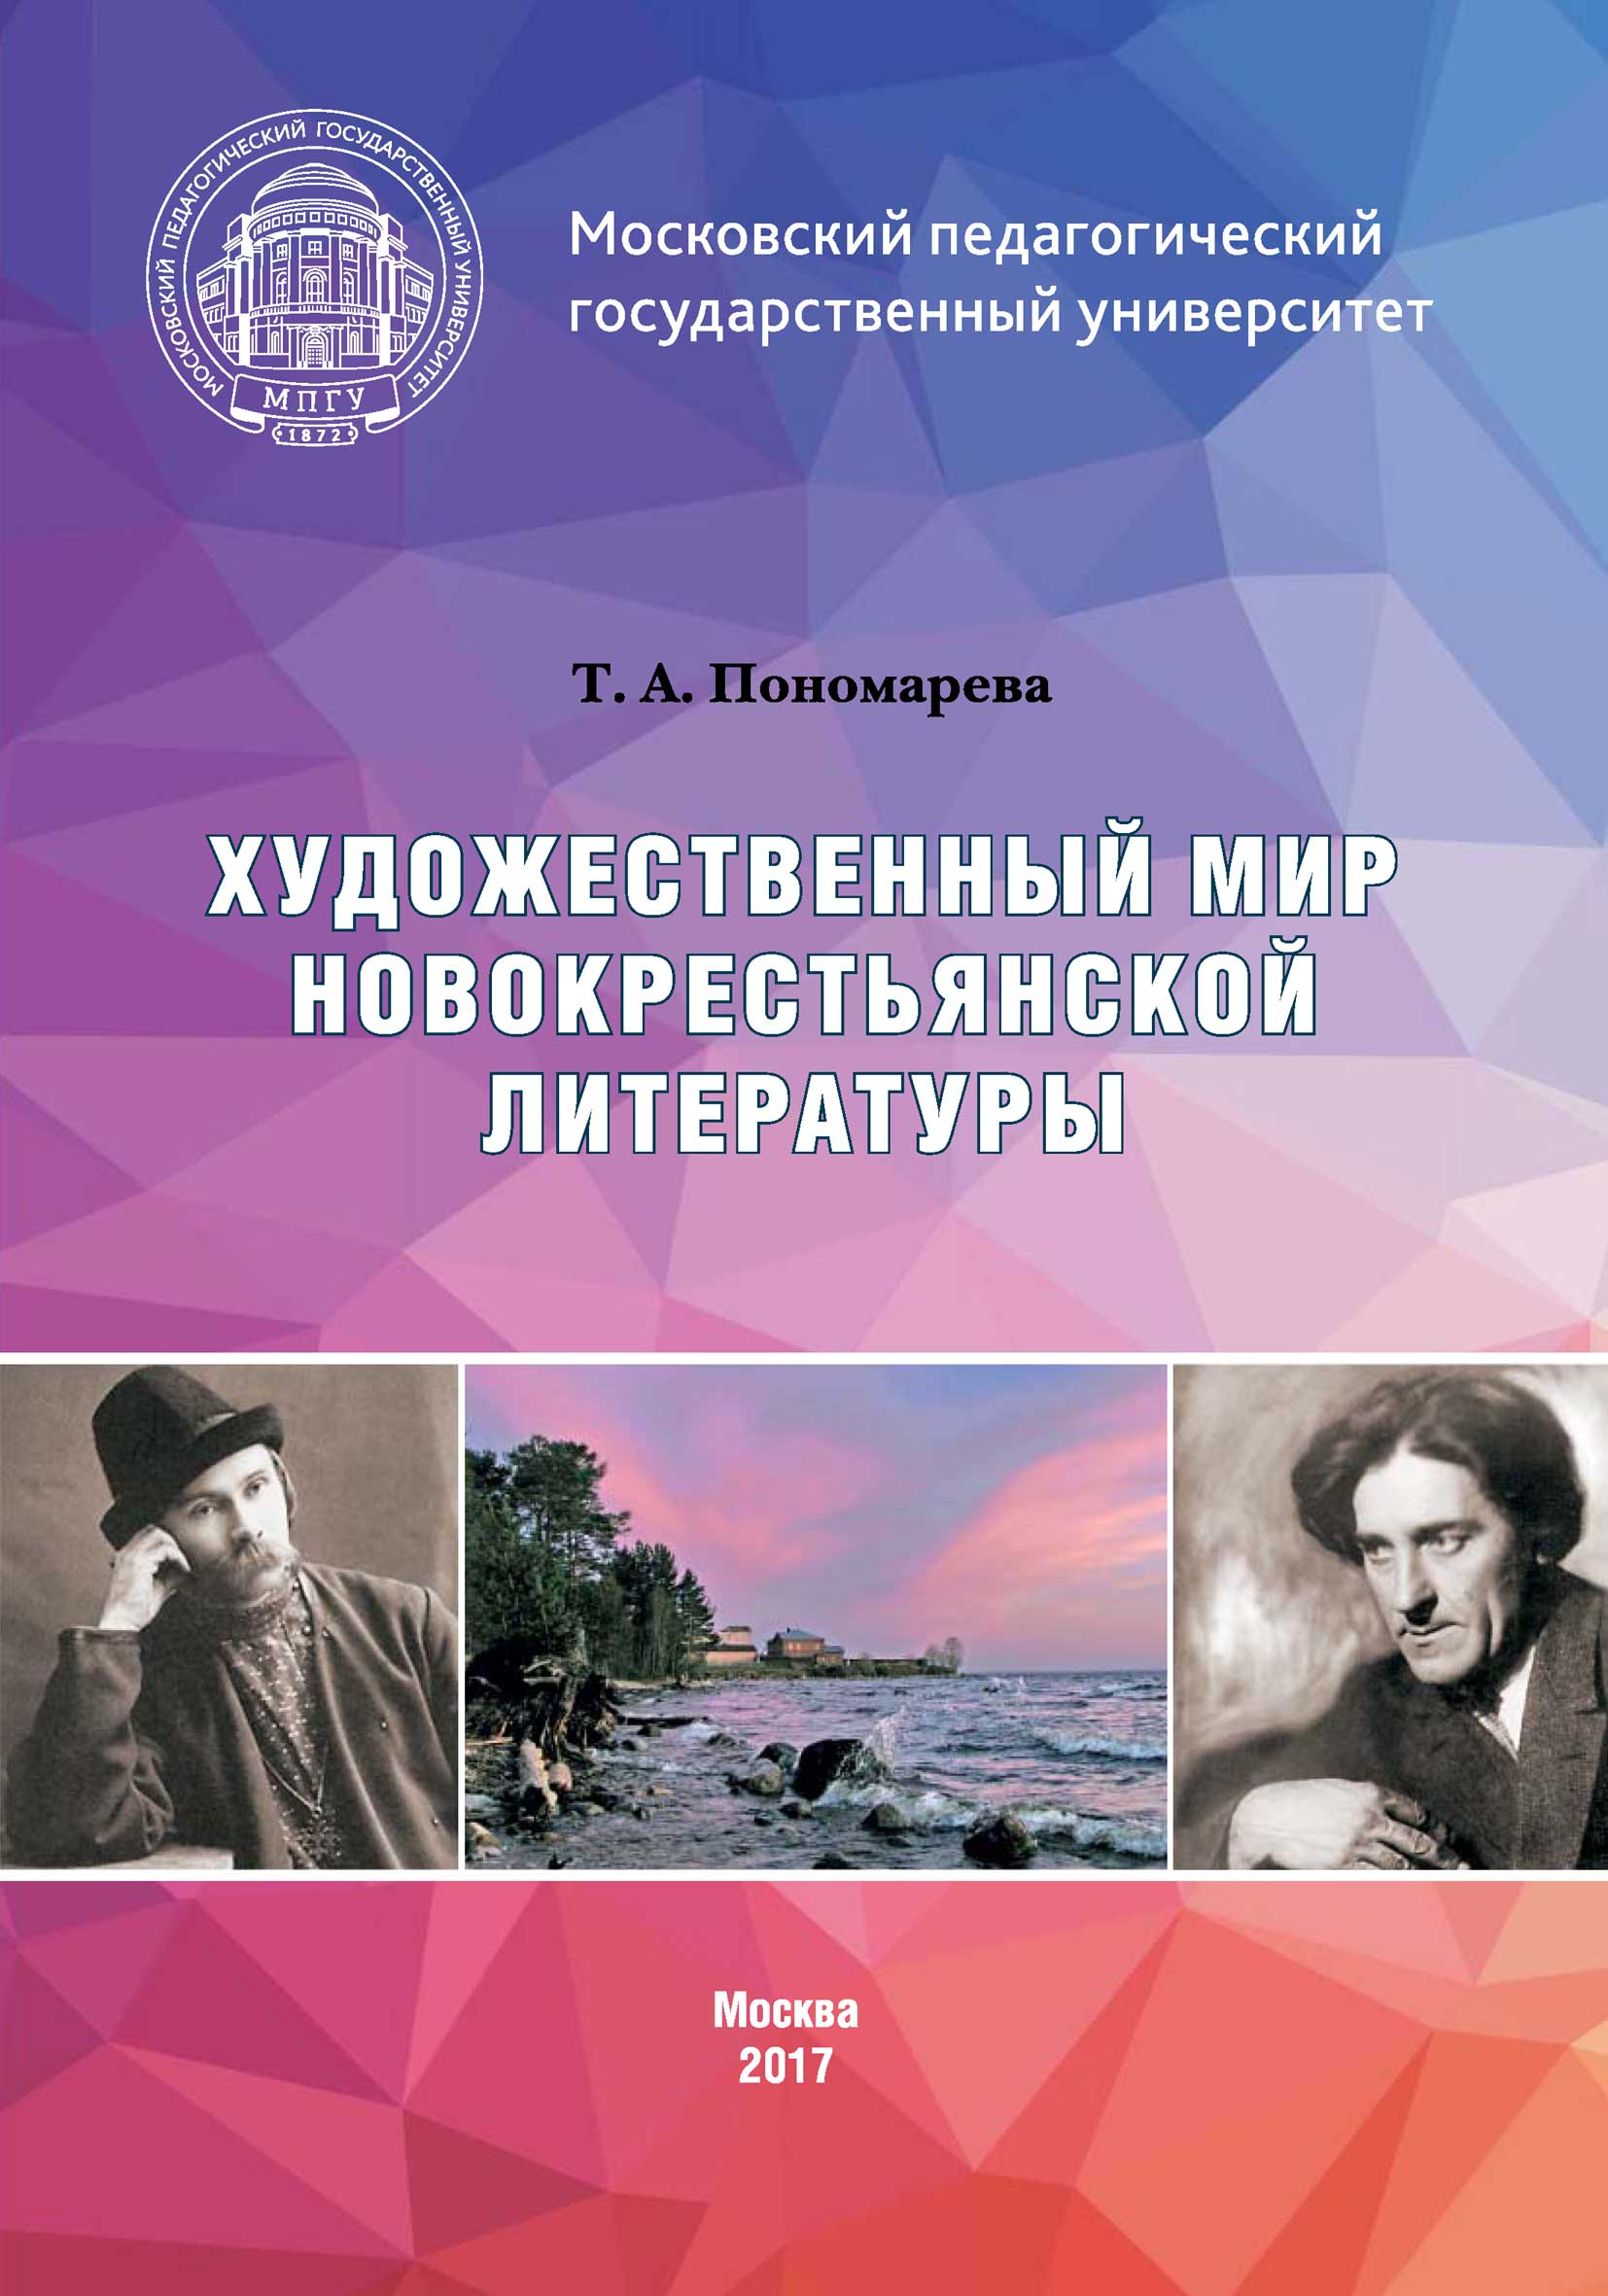 Татьяна Александровна Пономарева Художественный мир новокрестьянской литературы цена